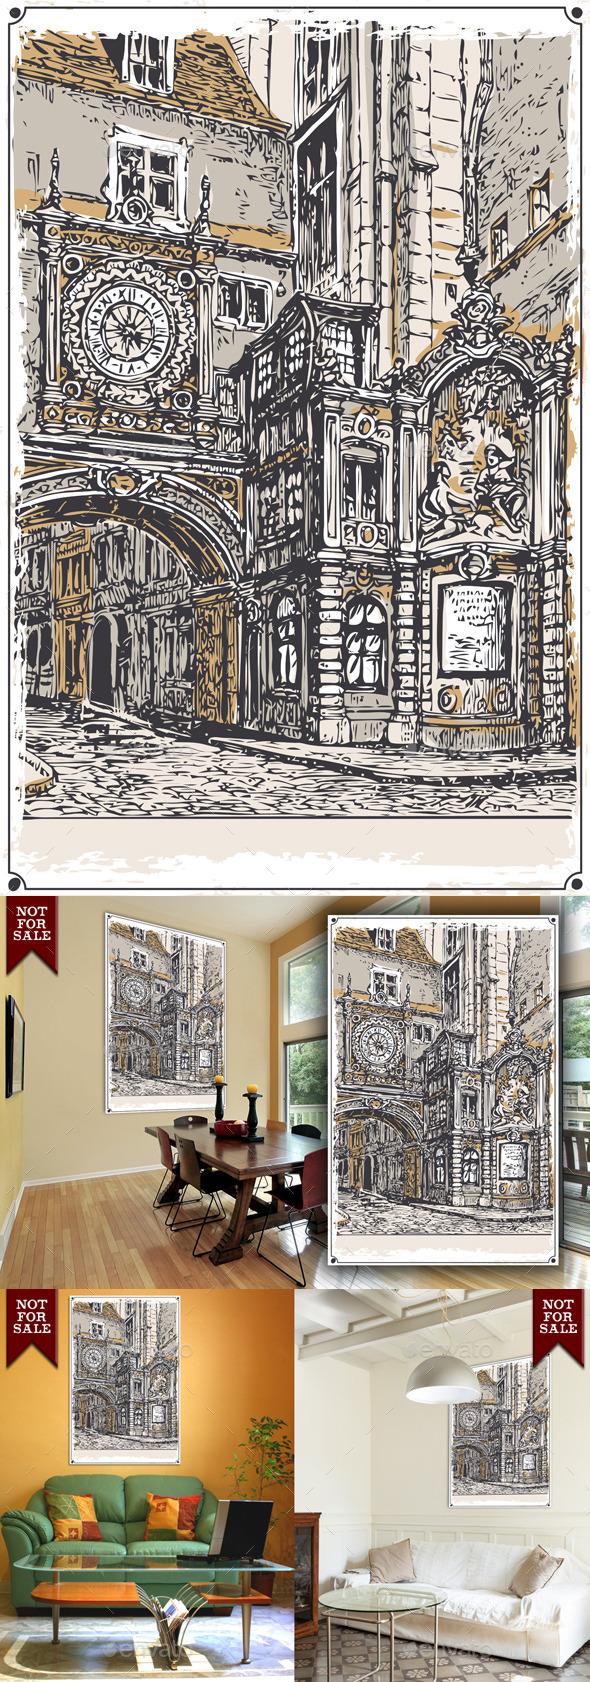 Vintage View of Gros Horloge street, Rouen - Buildings Objects